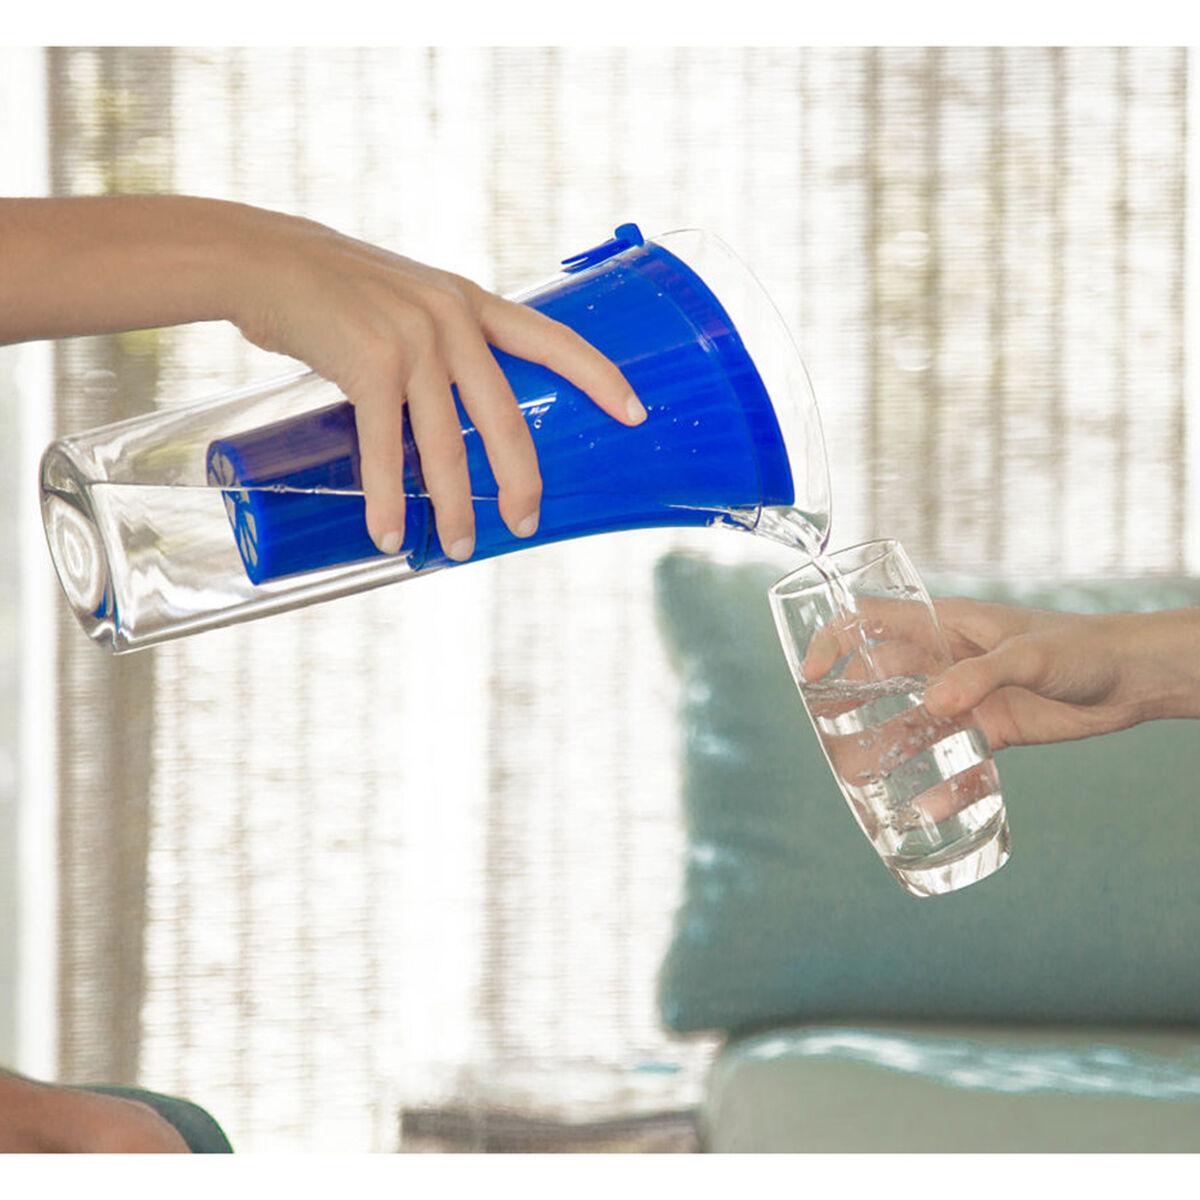 Jarro Purificador de Agua Dvigi Azul 2500lts